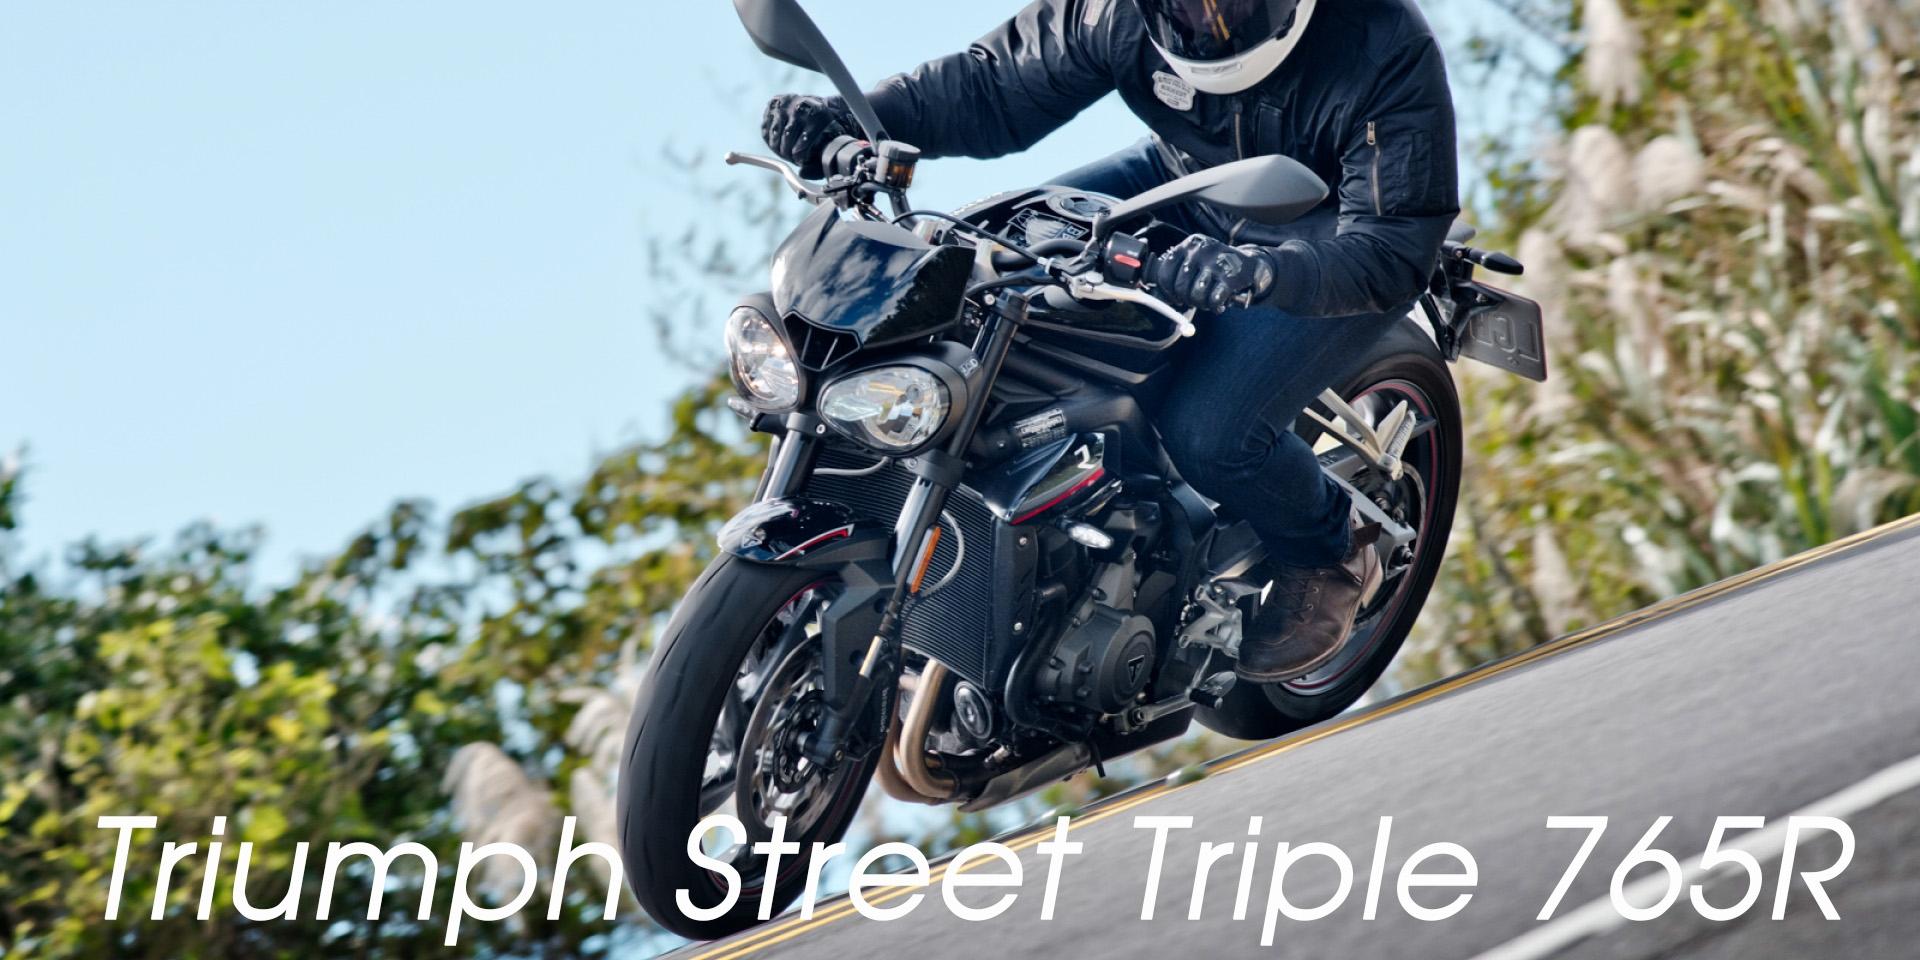 優雅卻強悍,碰不得的一級毒品Triumph Street Triple 765R